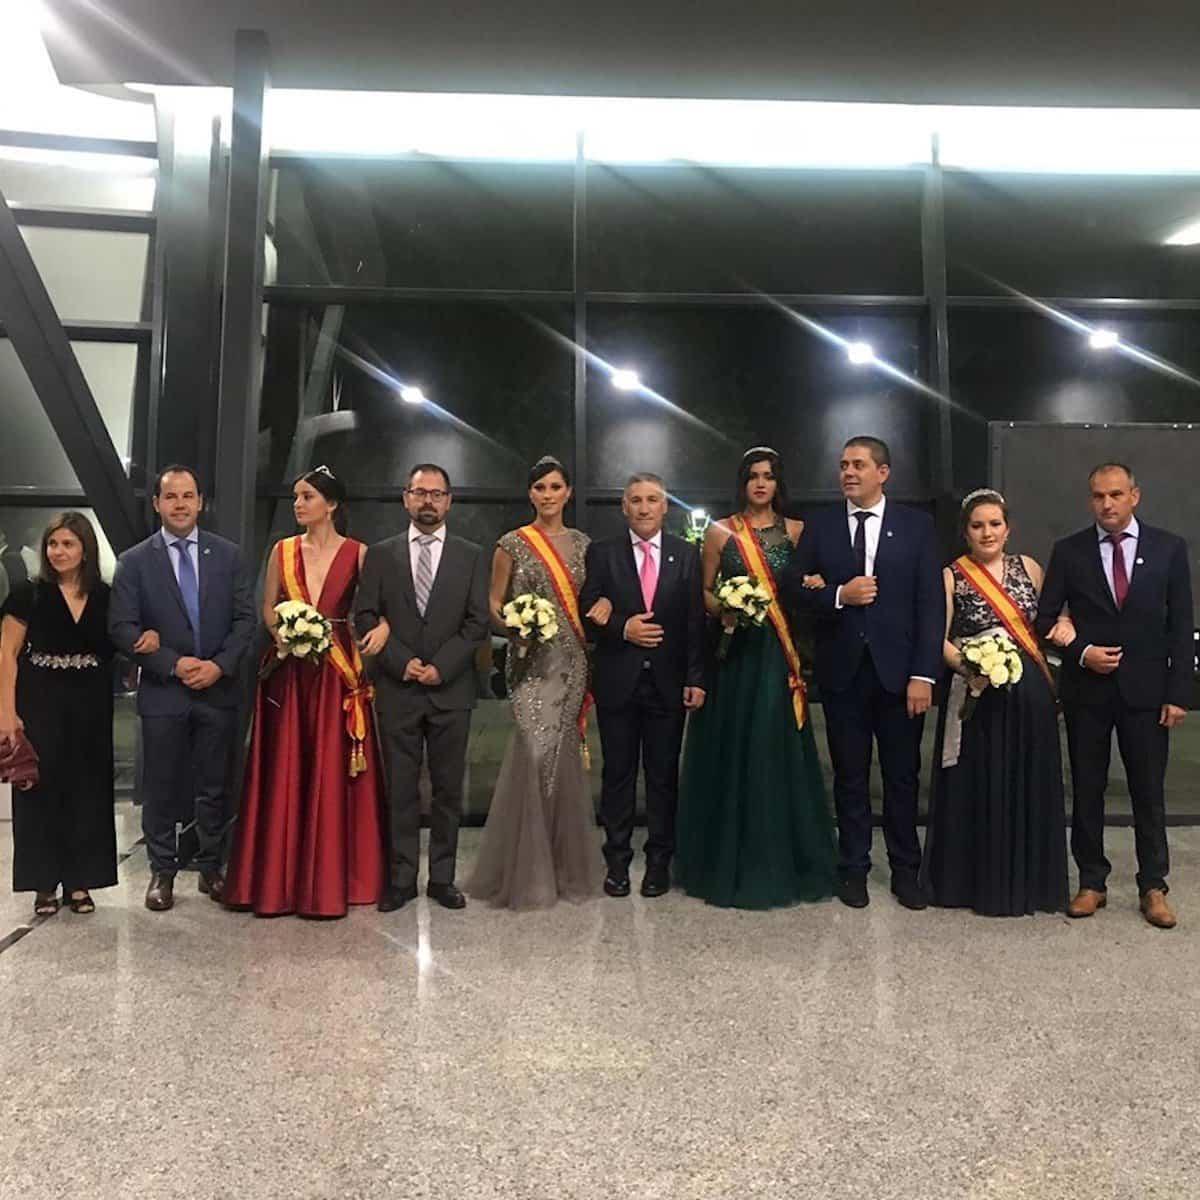 Inauguración de la Feria y Fiestas 2019 de Herencia 17